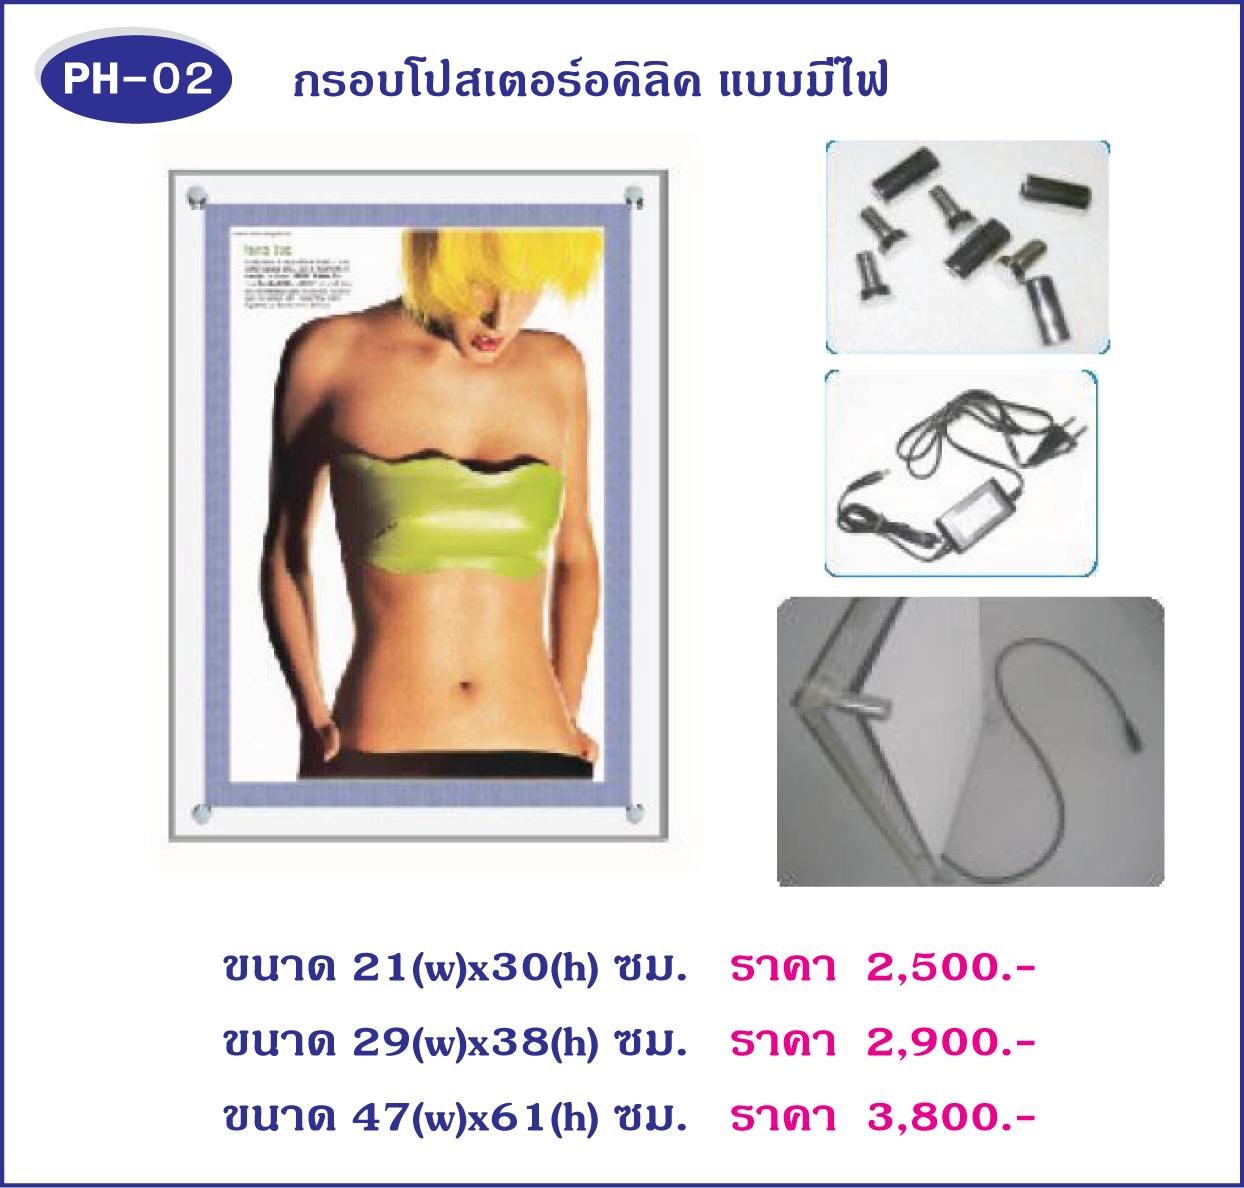 กรอบโปสเตอร์,กรอบใส่ภาพ,เฟรมใส่ภาพ,Poster Frame,Poster stand,PH02